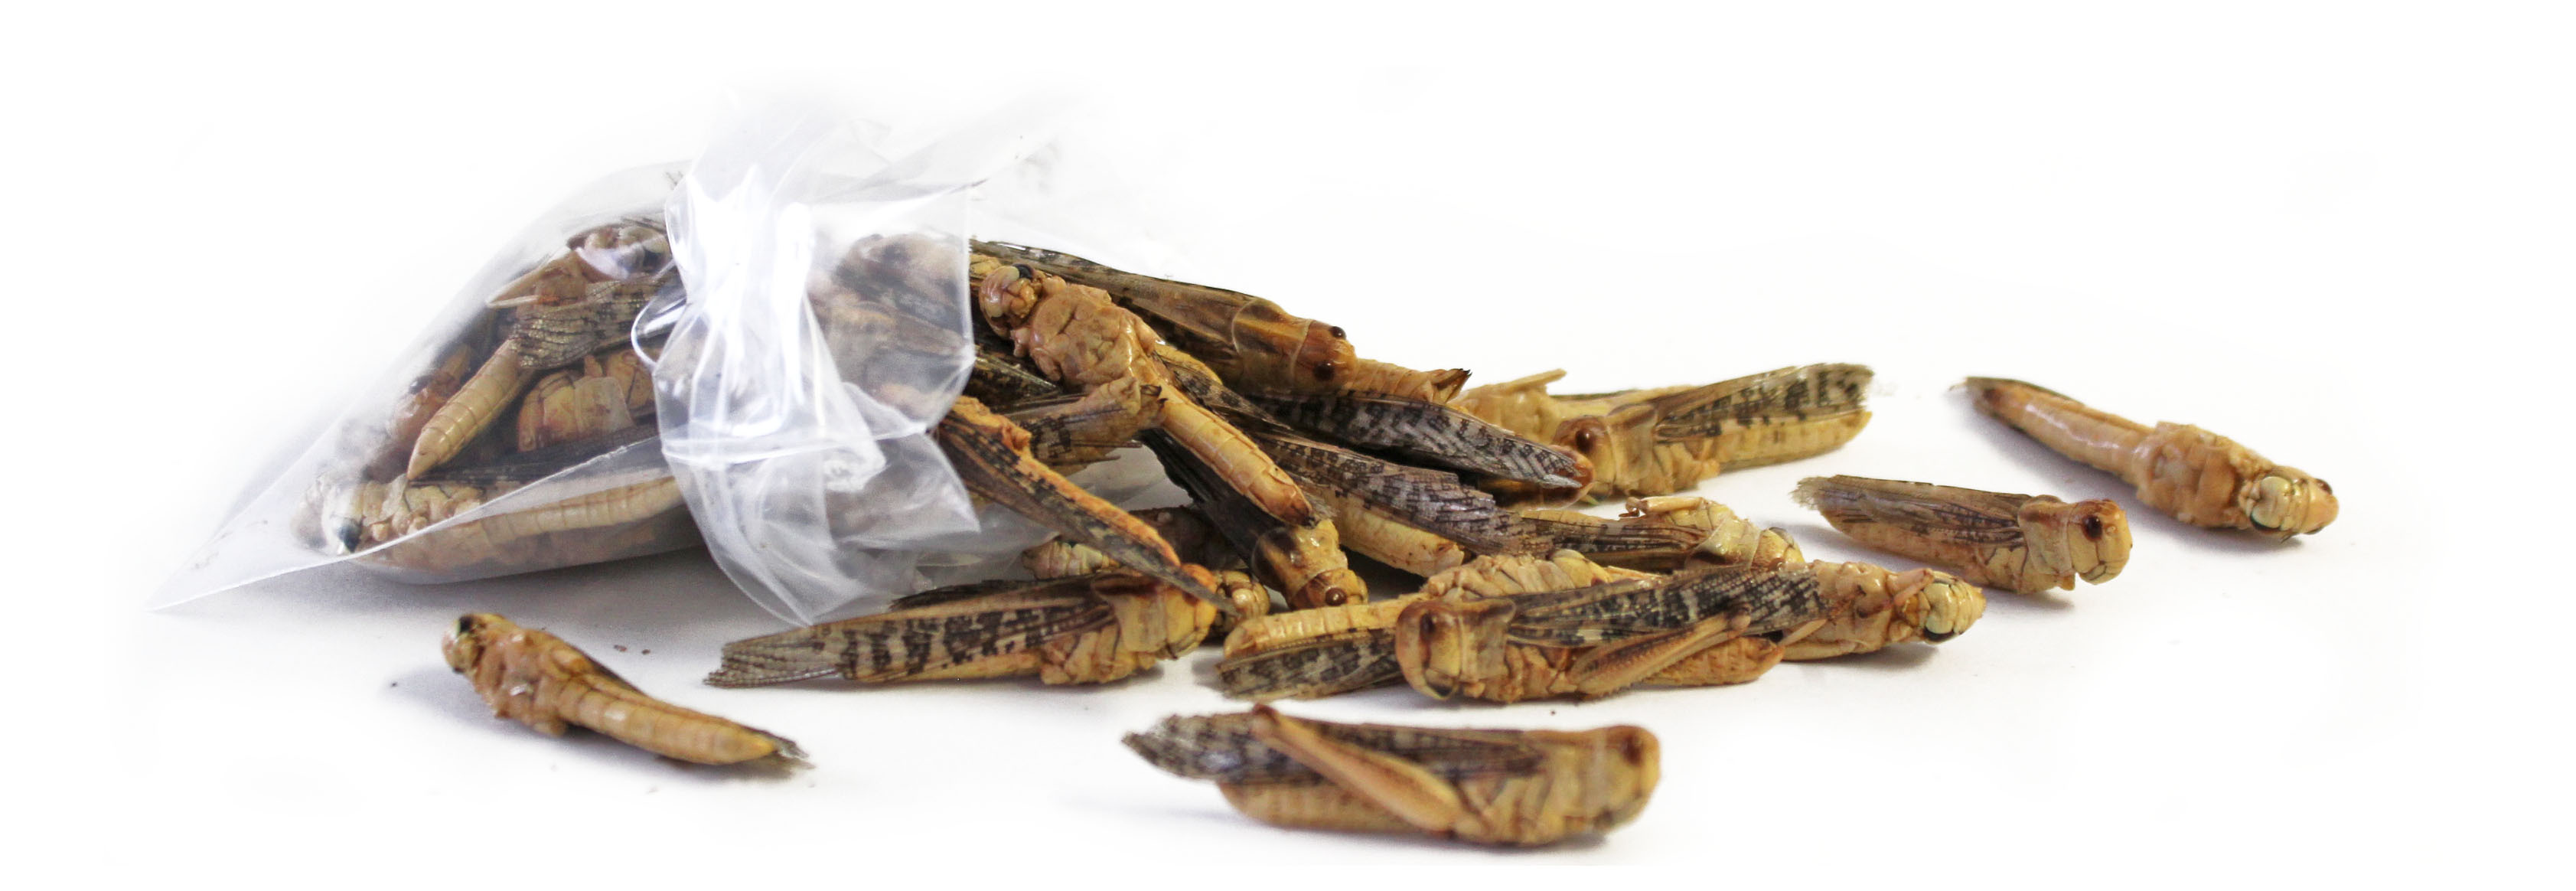 Essbare_Insekten_Heuschrecken_zum_Essen_von_Snack-Insects_bestellen_